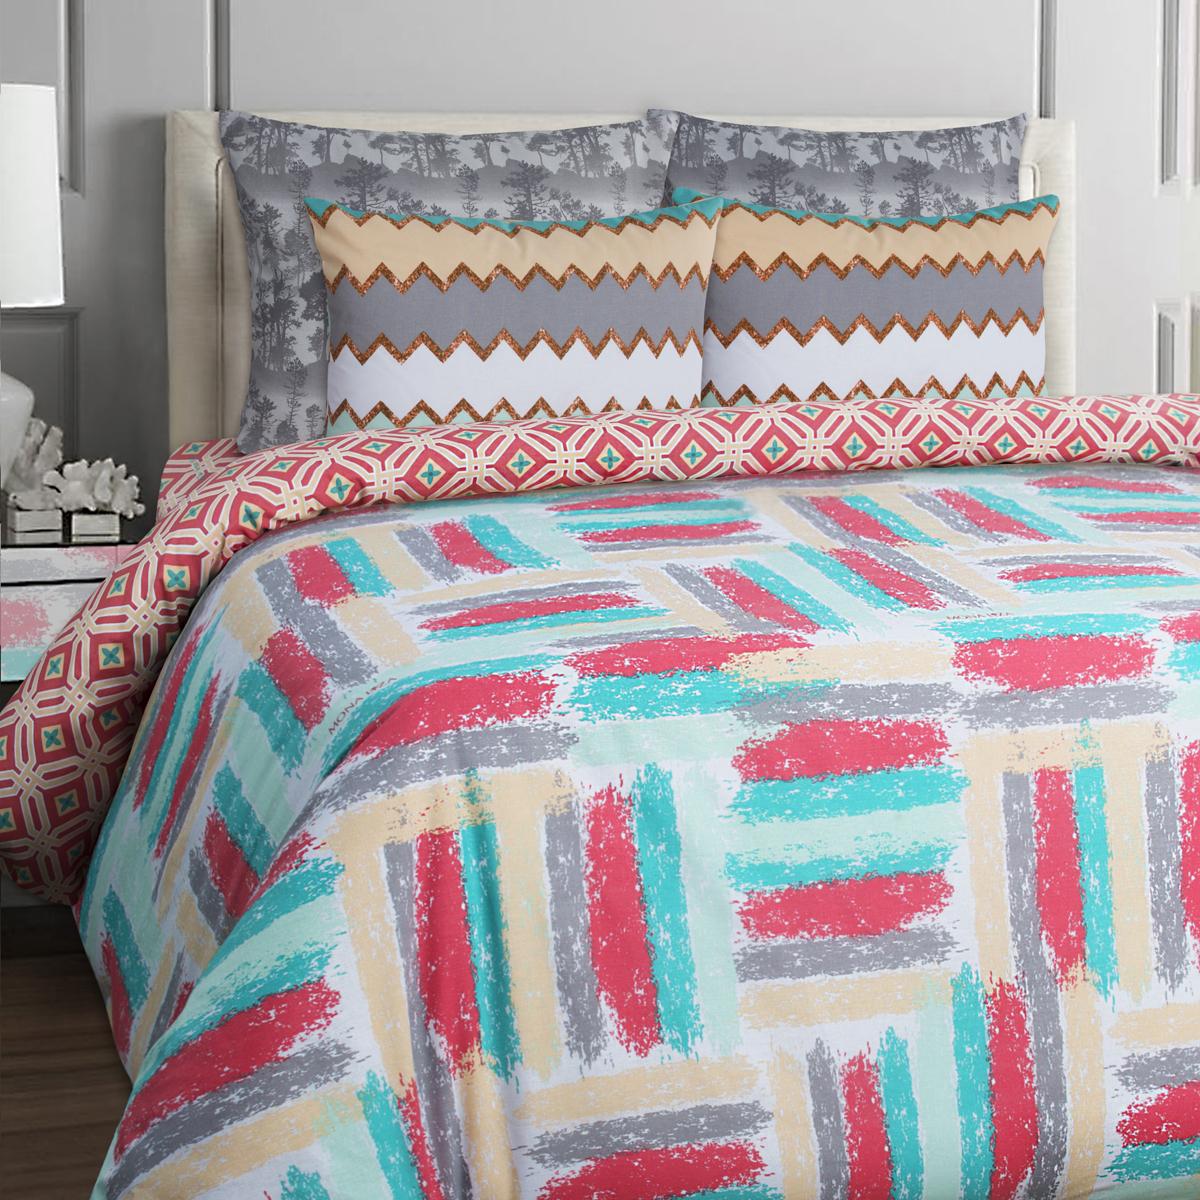 Комплект белья Mona Liza Stone Koral, 1,5-спальное, наволочки 70x70. 551114-53 комплект белья mona liza stone topaz 1 5 спальный наволочки 70x70 551114 63